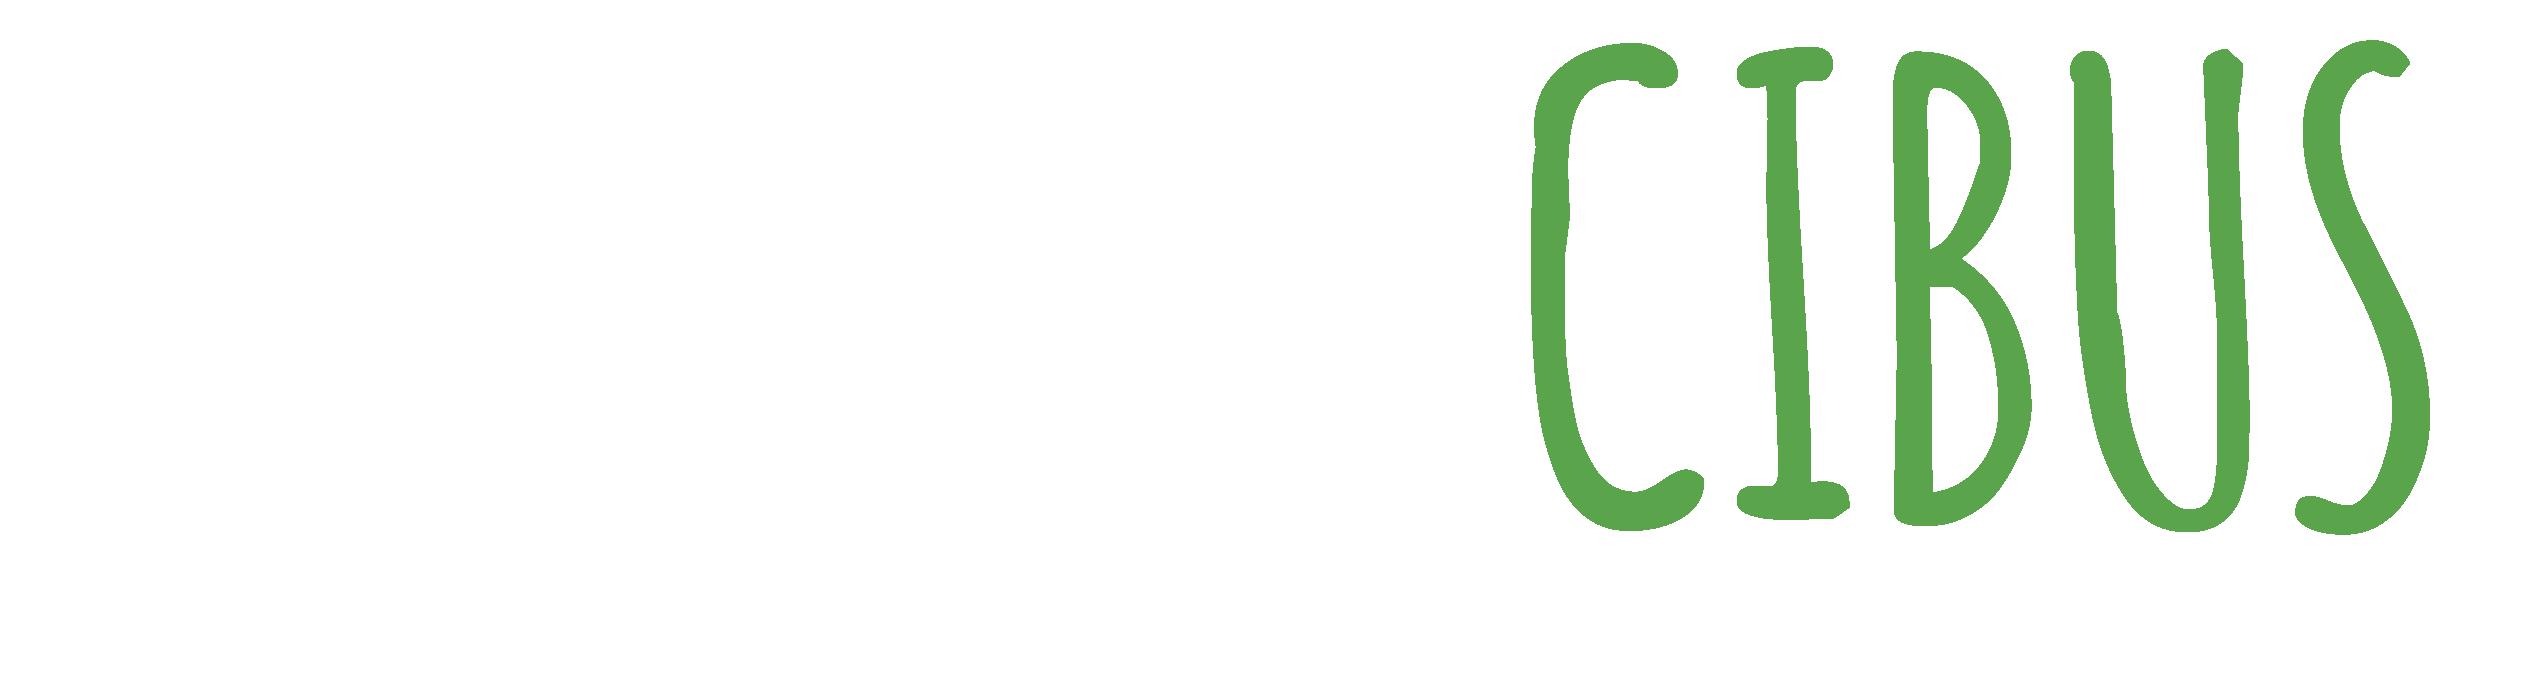 NutriViva Cibus